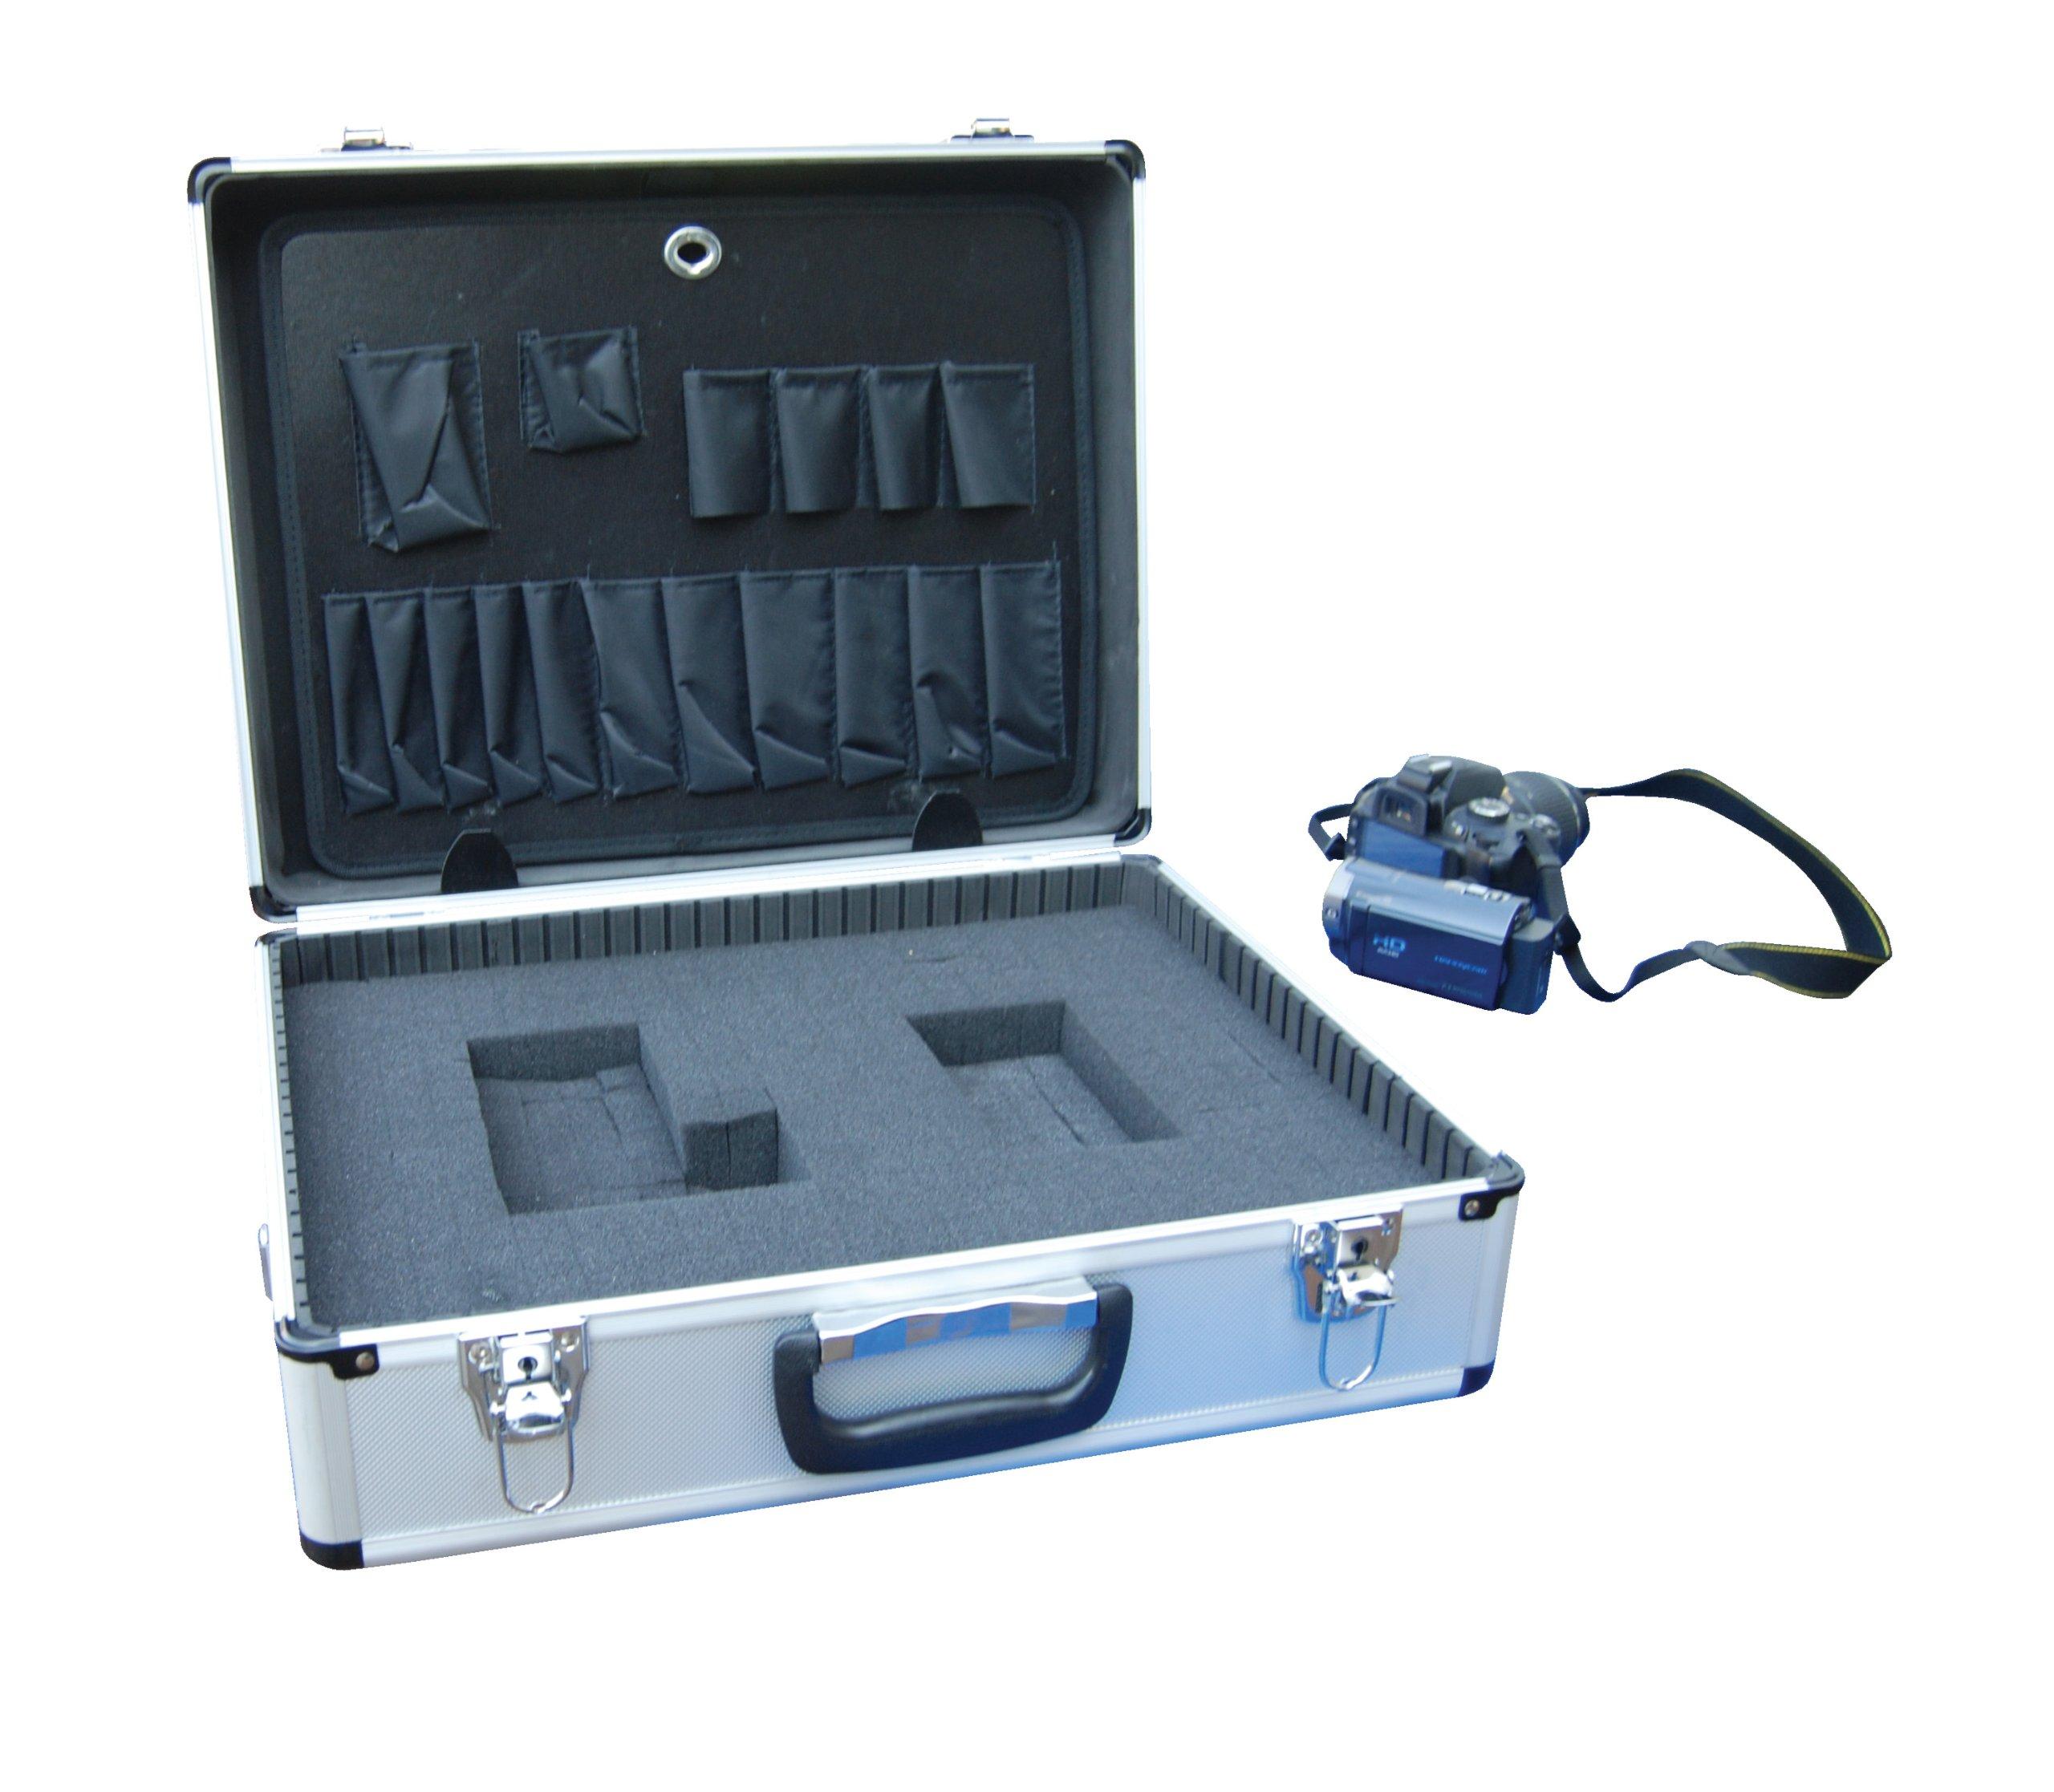 Vestil CASE-1814-FM Aluminum Tool Case - Foam Insert, 14'' Length X 18'' Width X 6'' Height, 6 lbs. by Vestil (Image #2)